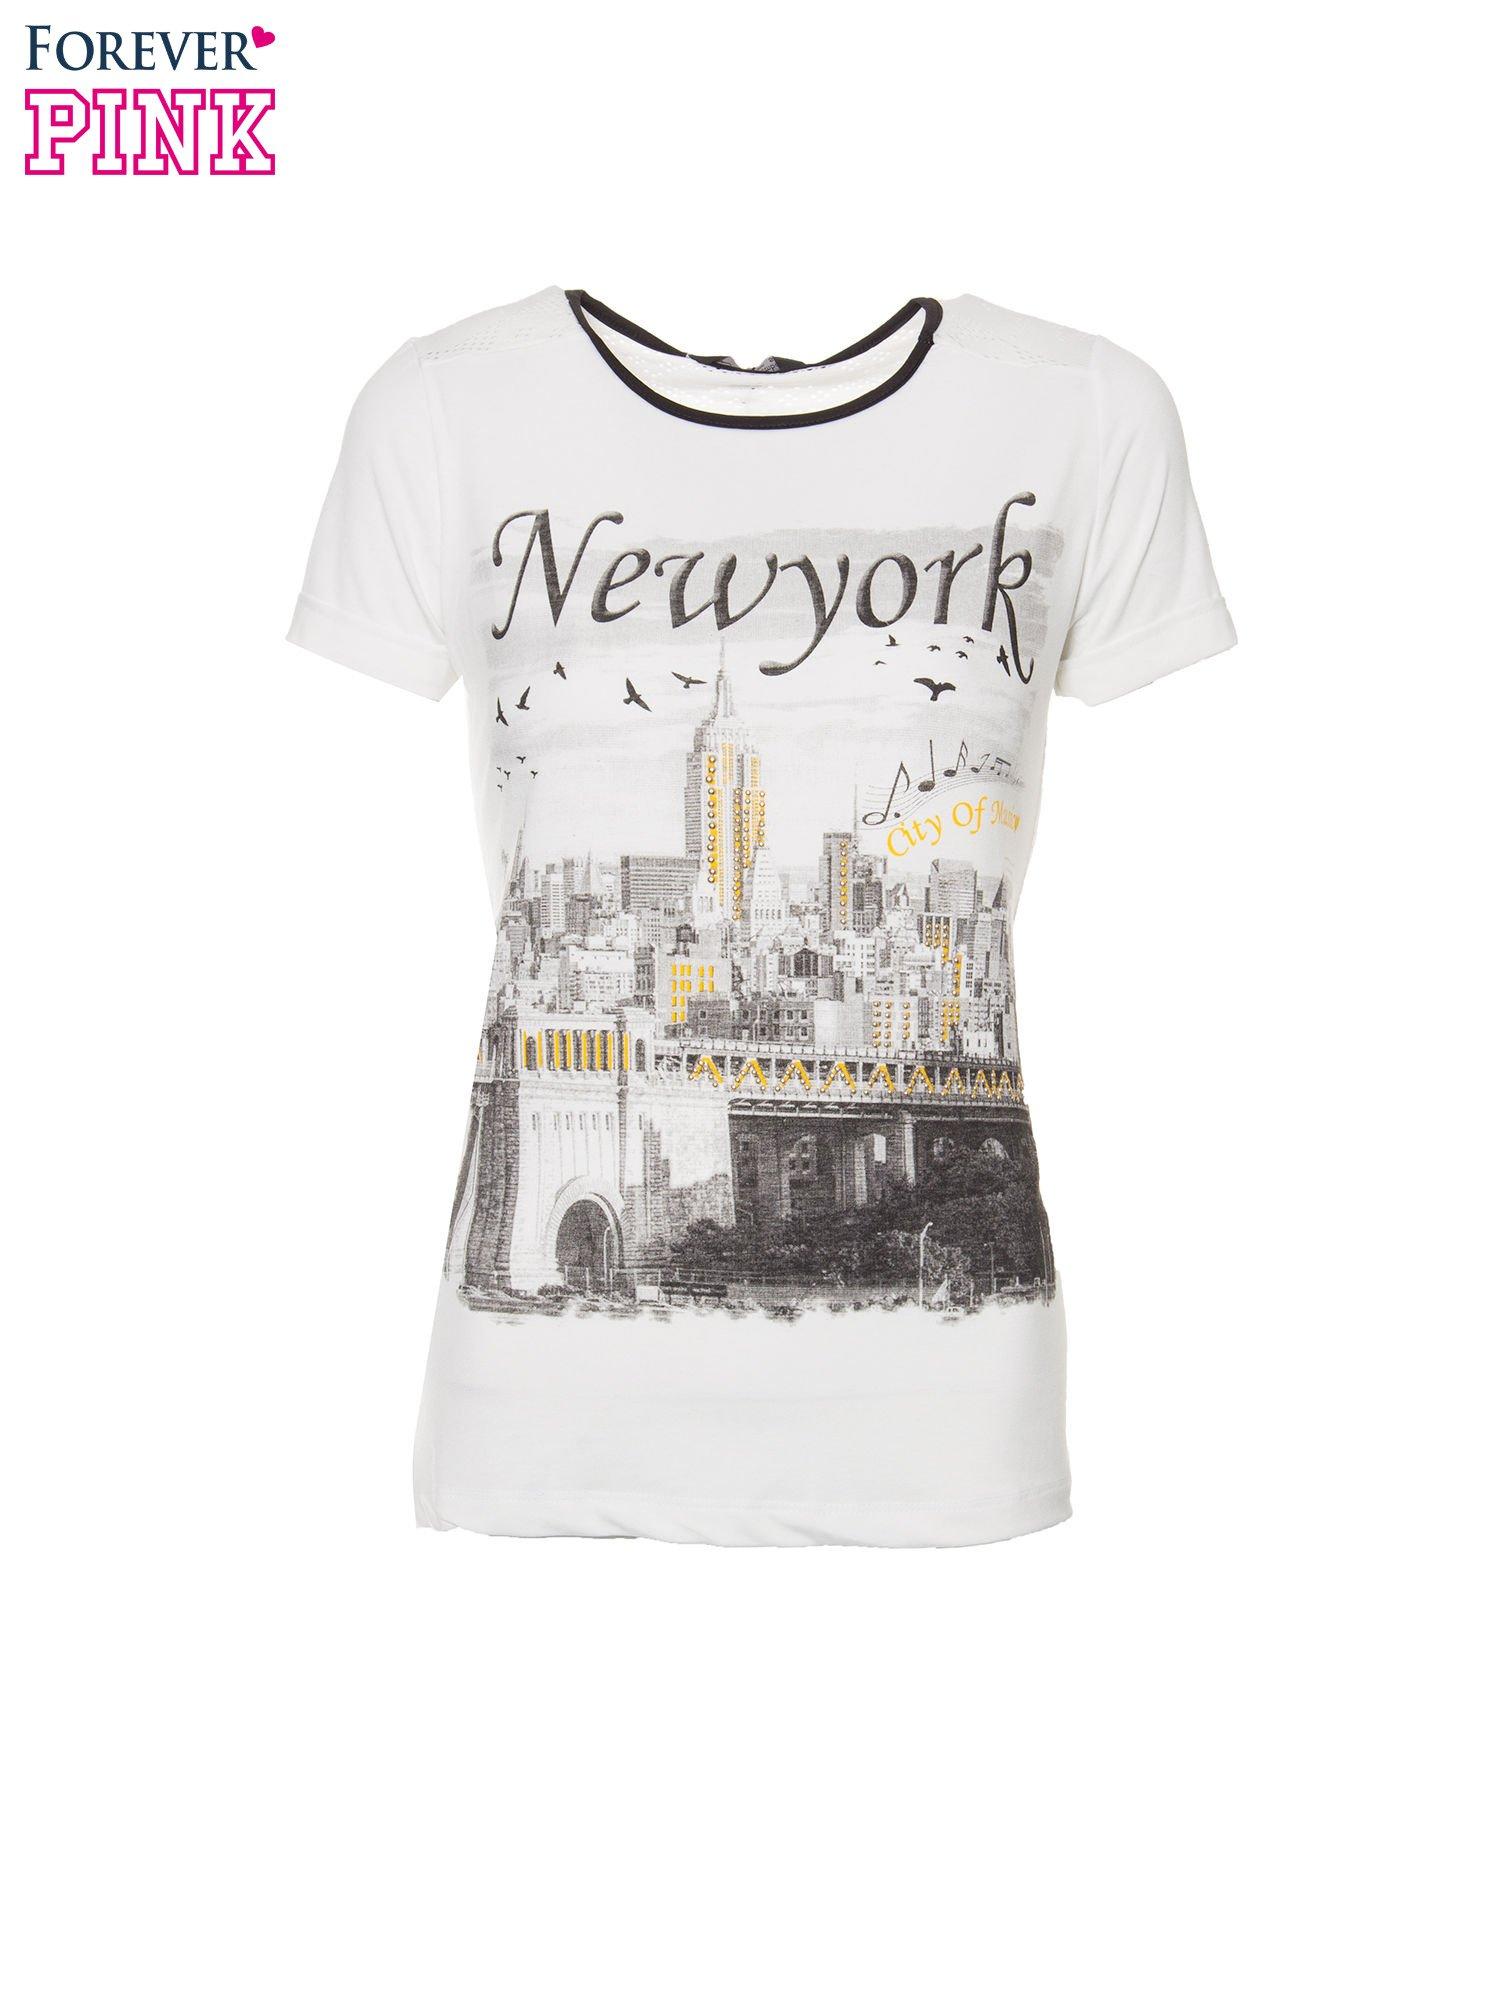 Ecru t-shirt z nadrukiem NEW YORK i ażurowym tyłem                                  zdj.                                  2